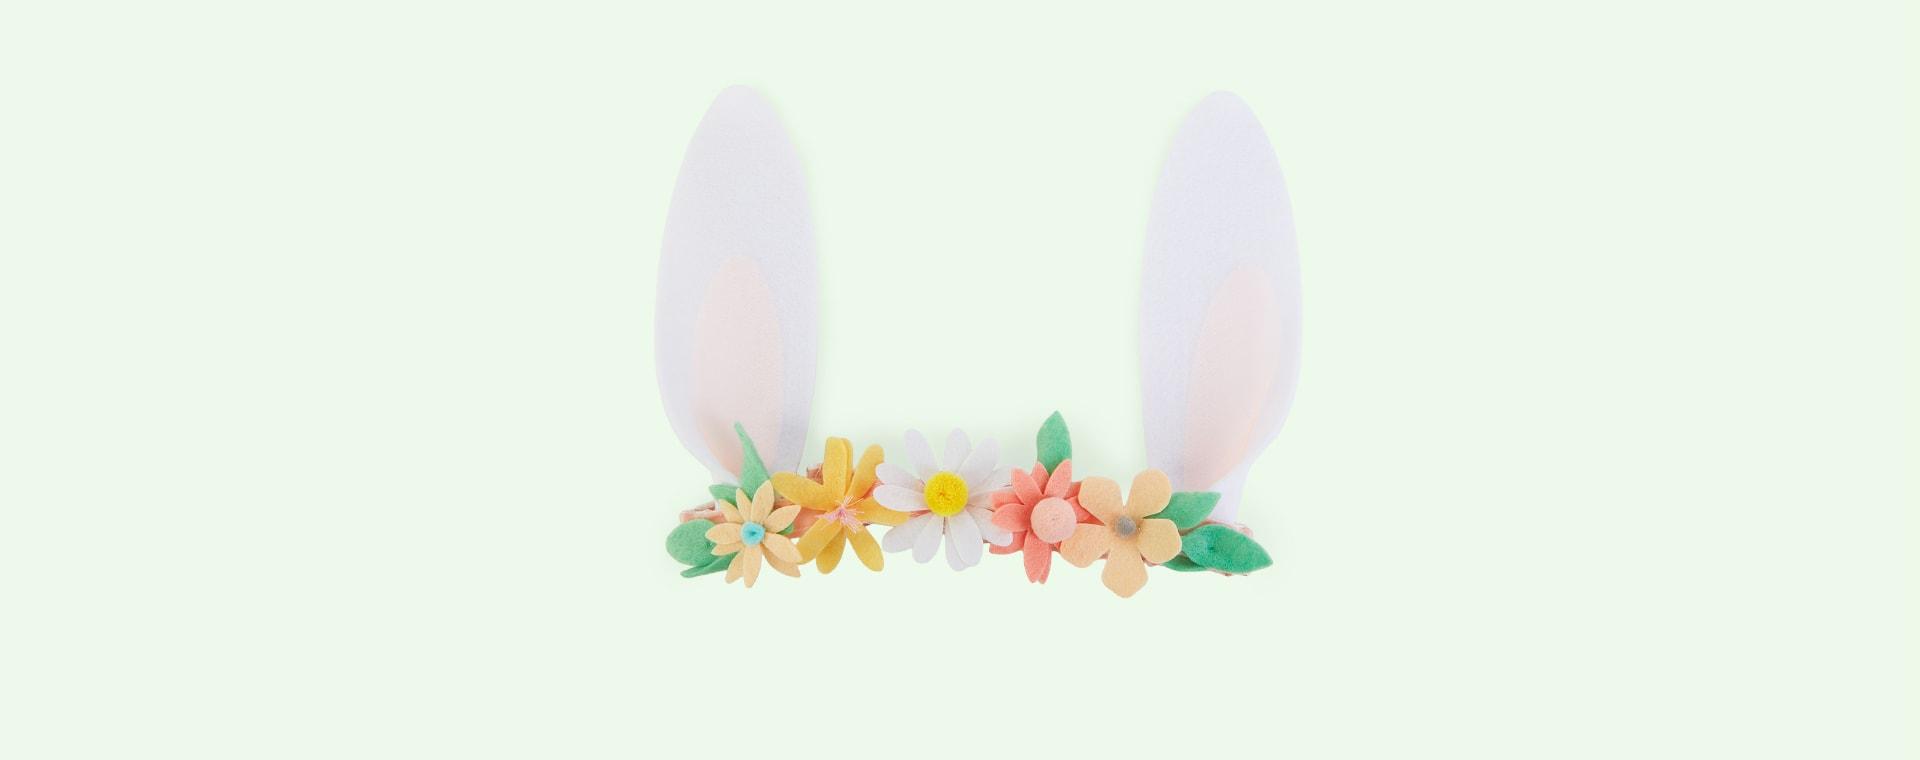 Multi Meri Meri Spring Bunny Ears